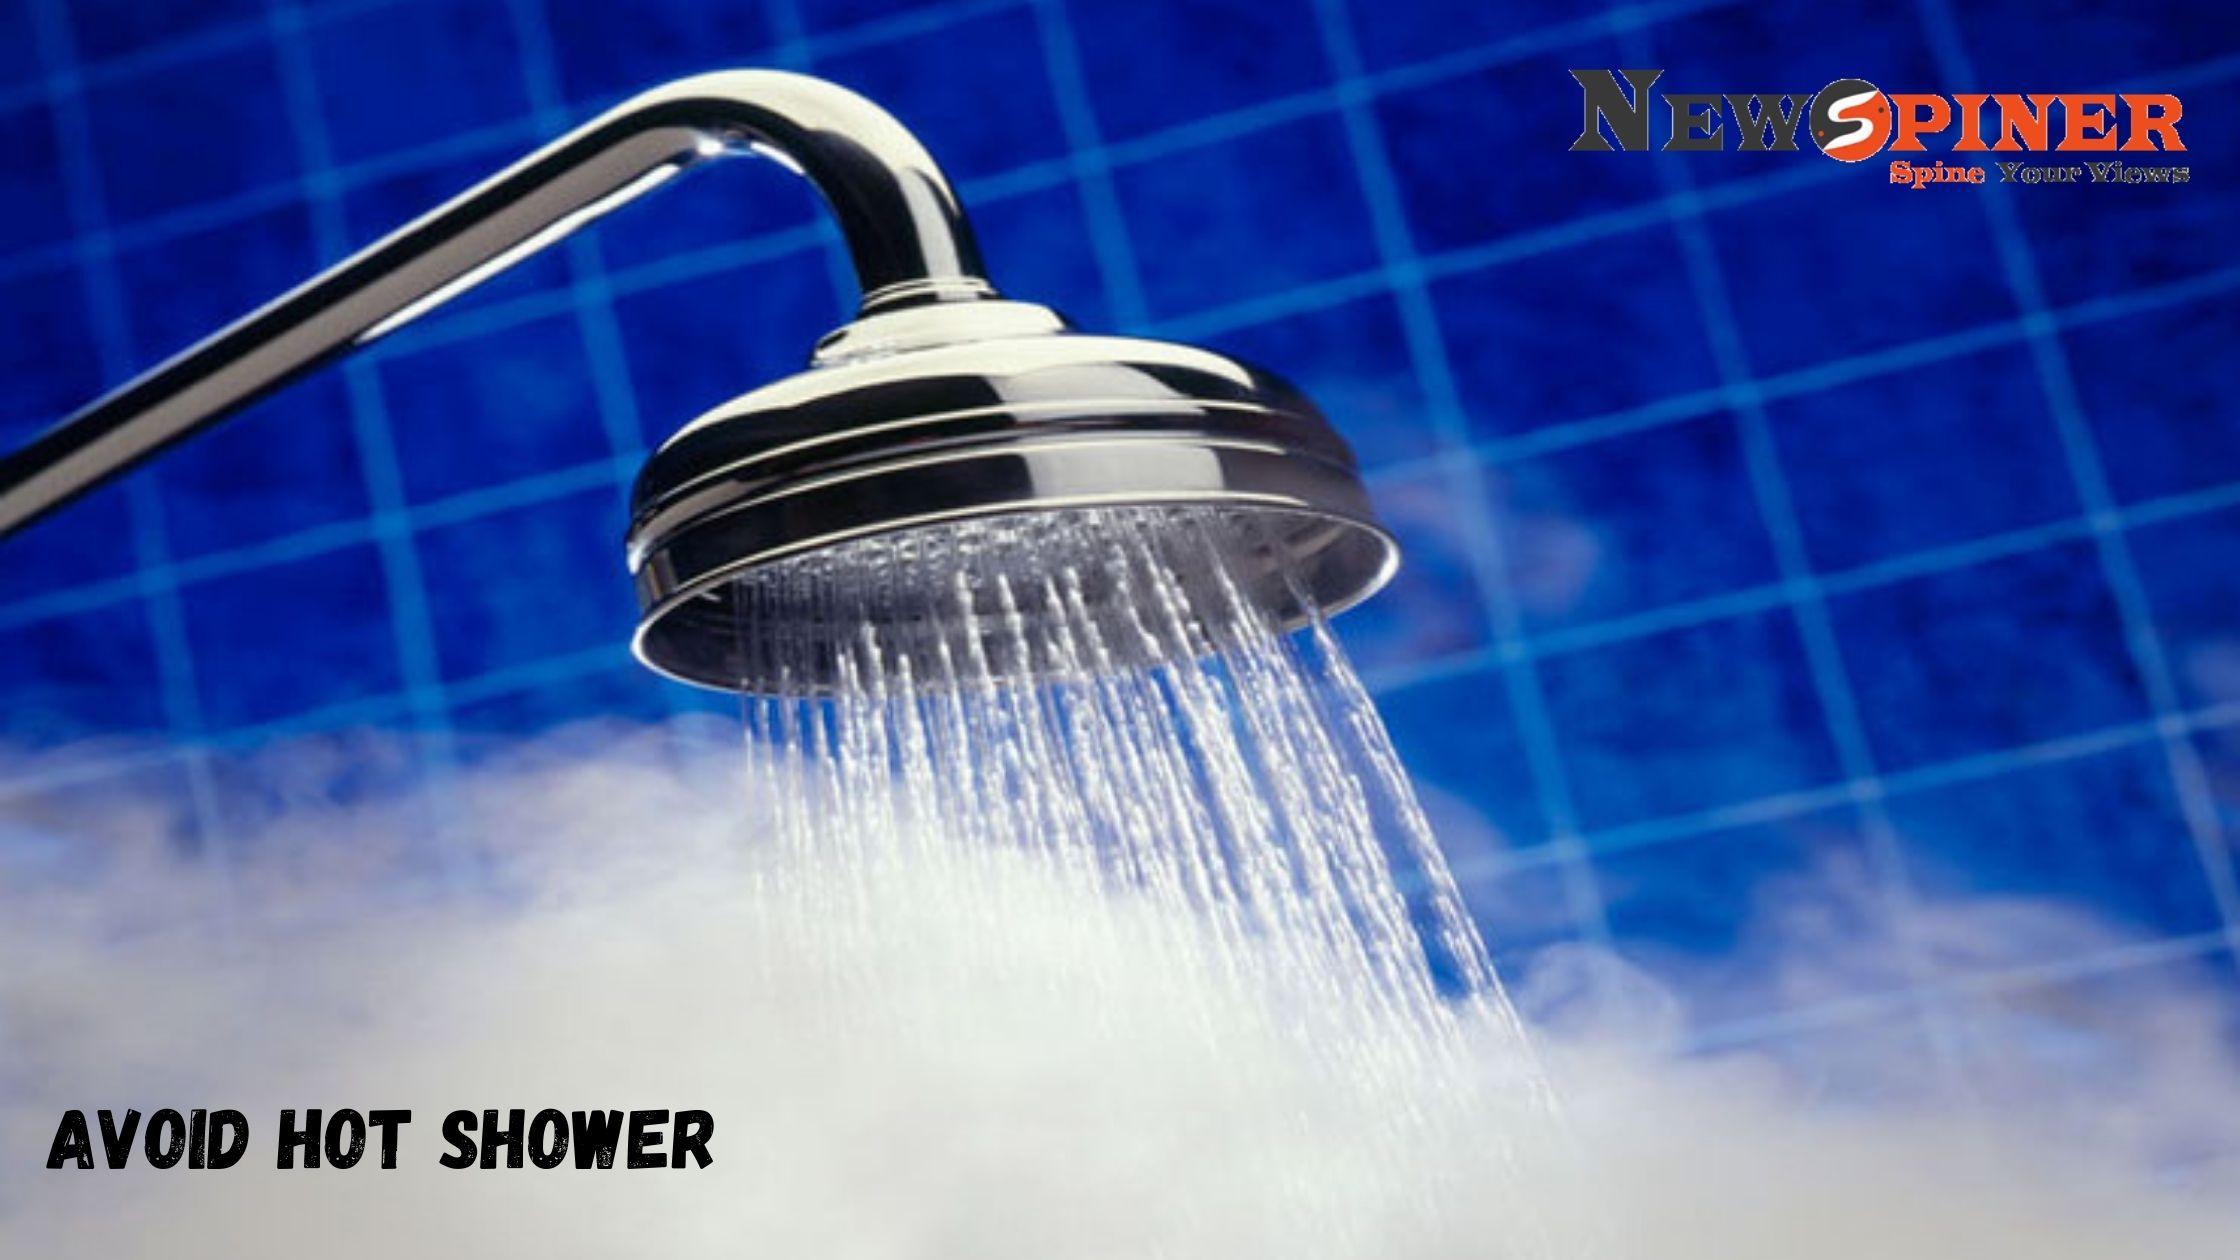 Avoid hot shower